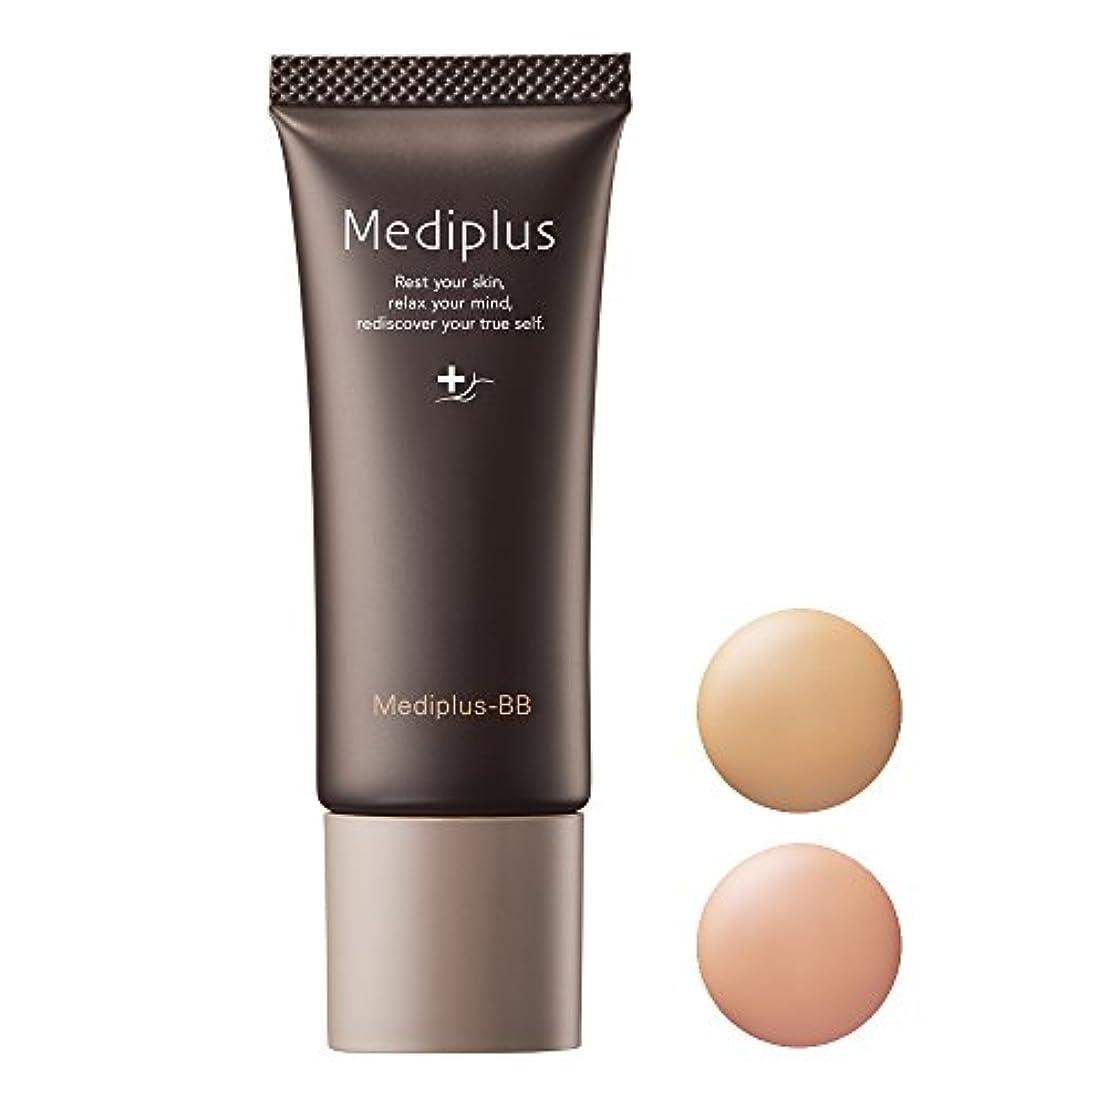 推測過剰不良品mediplus メディプラスBB(ライトナチュラル)17g(約2ヵ月分)